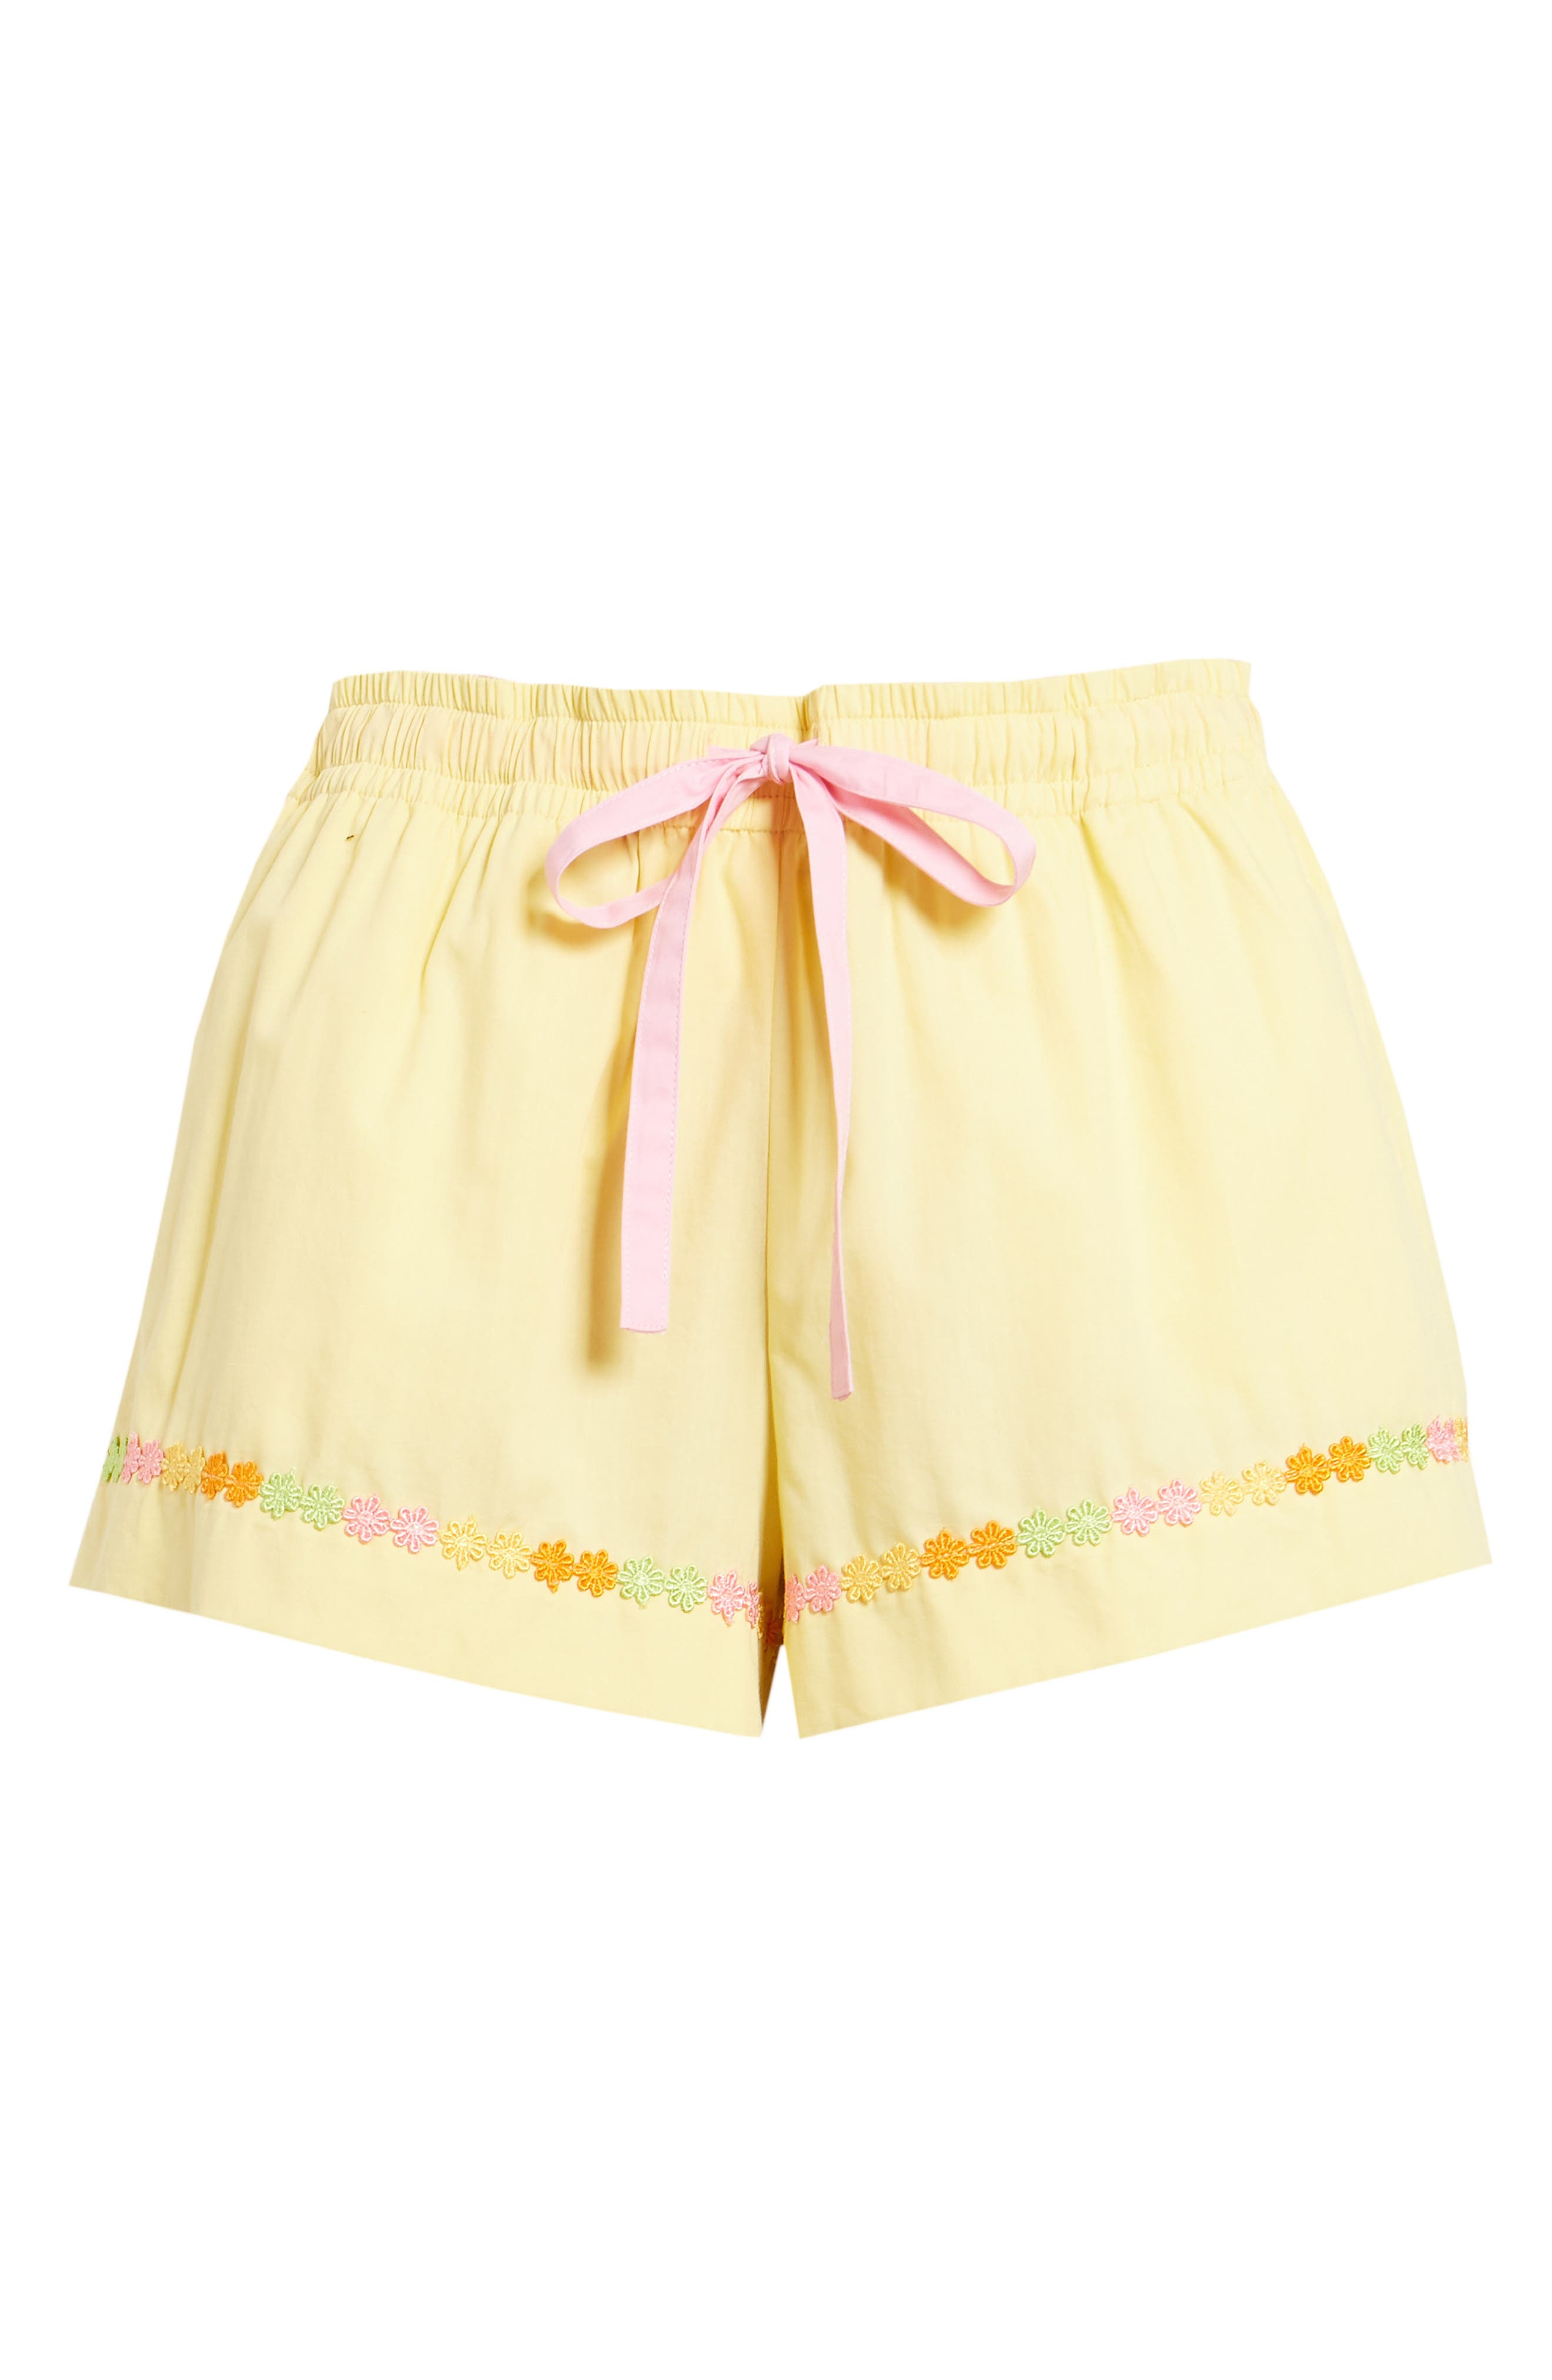 Women's Ban. do Daisy Chain Sleep Shorts